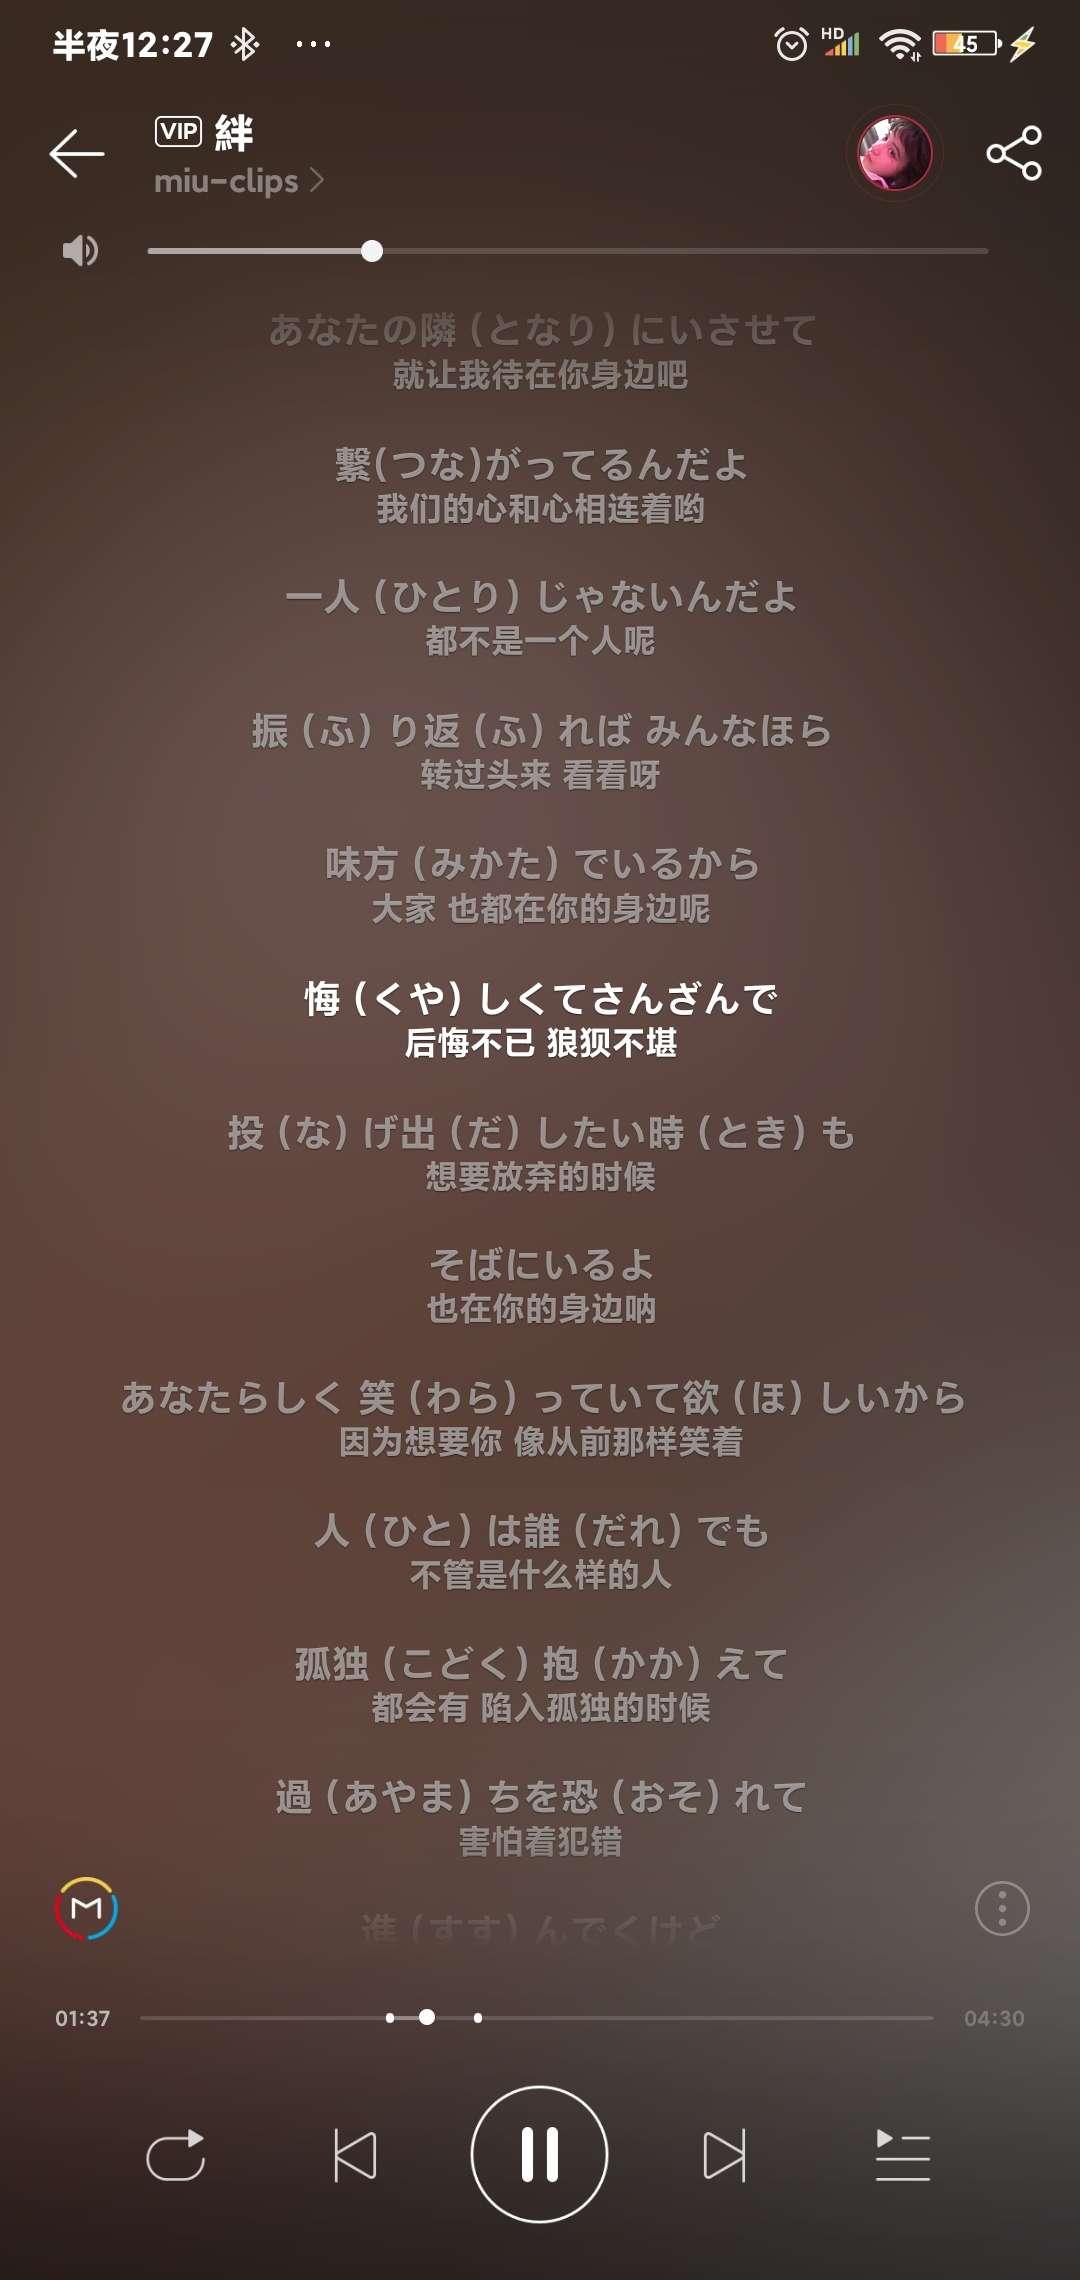 【音乐】[音乐]絆,二次元邪恶少女漫画大全无翼鸟-小柚妹站